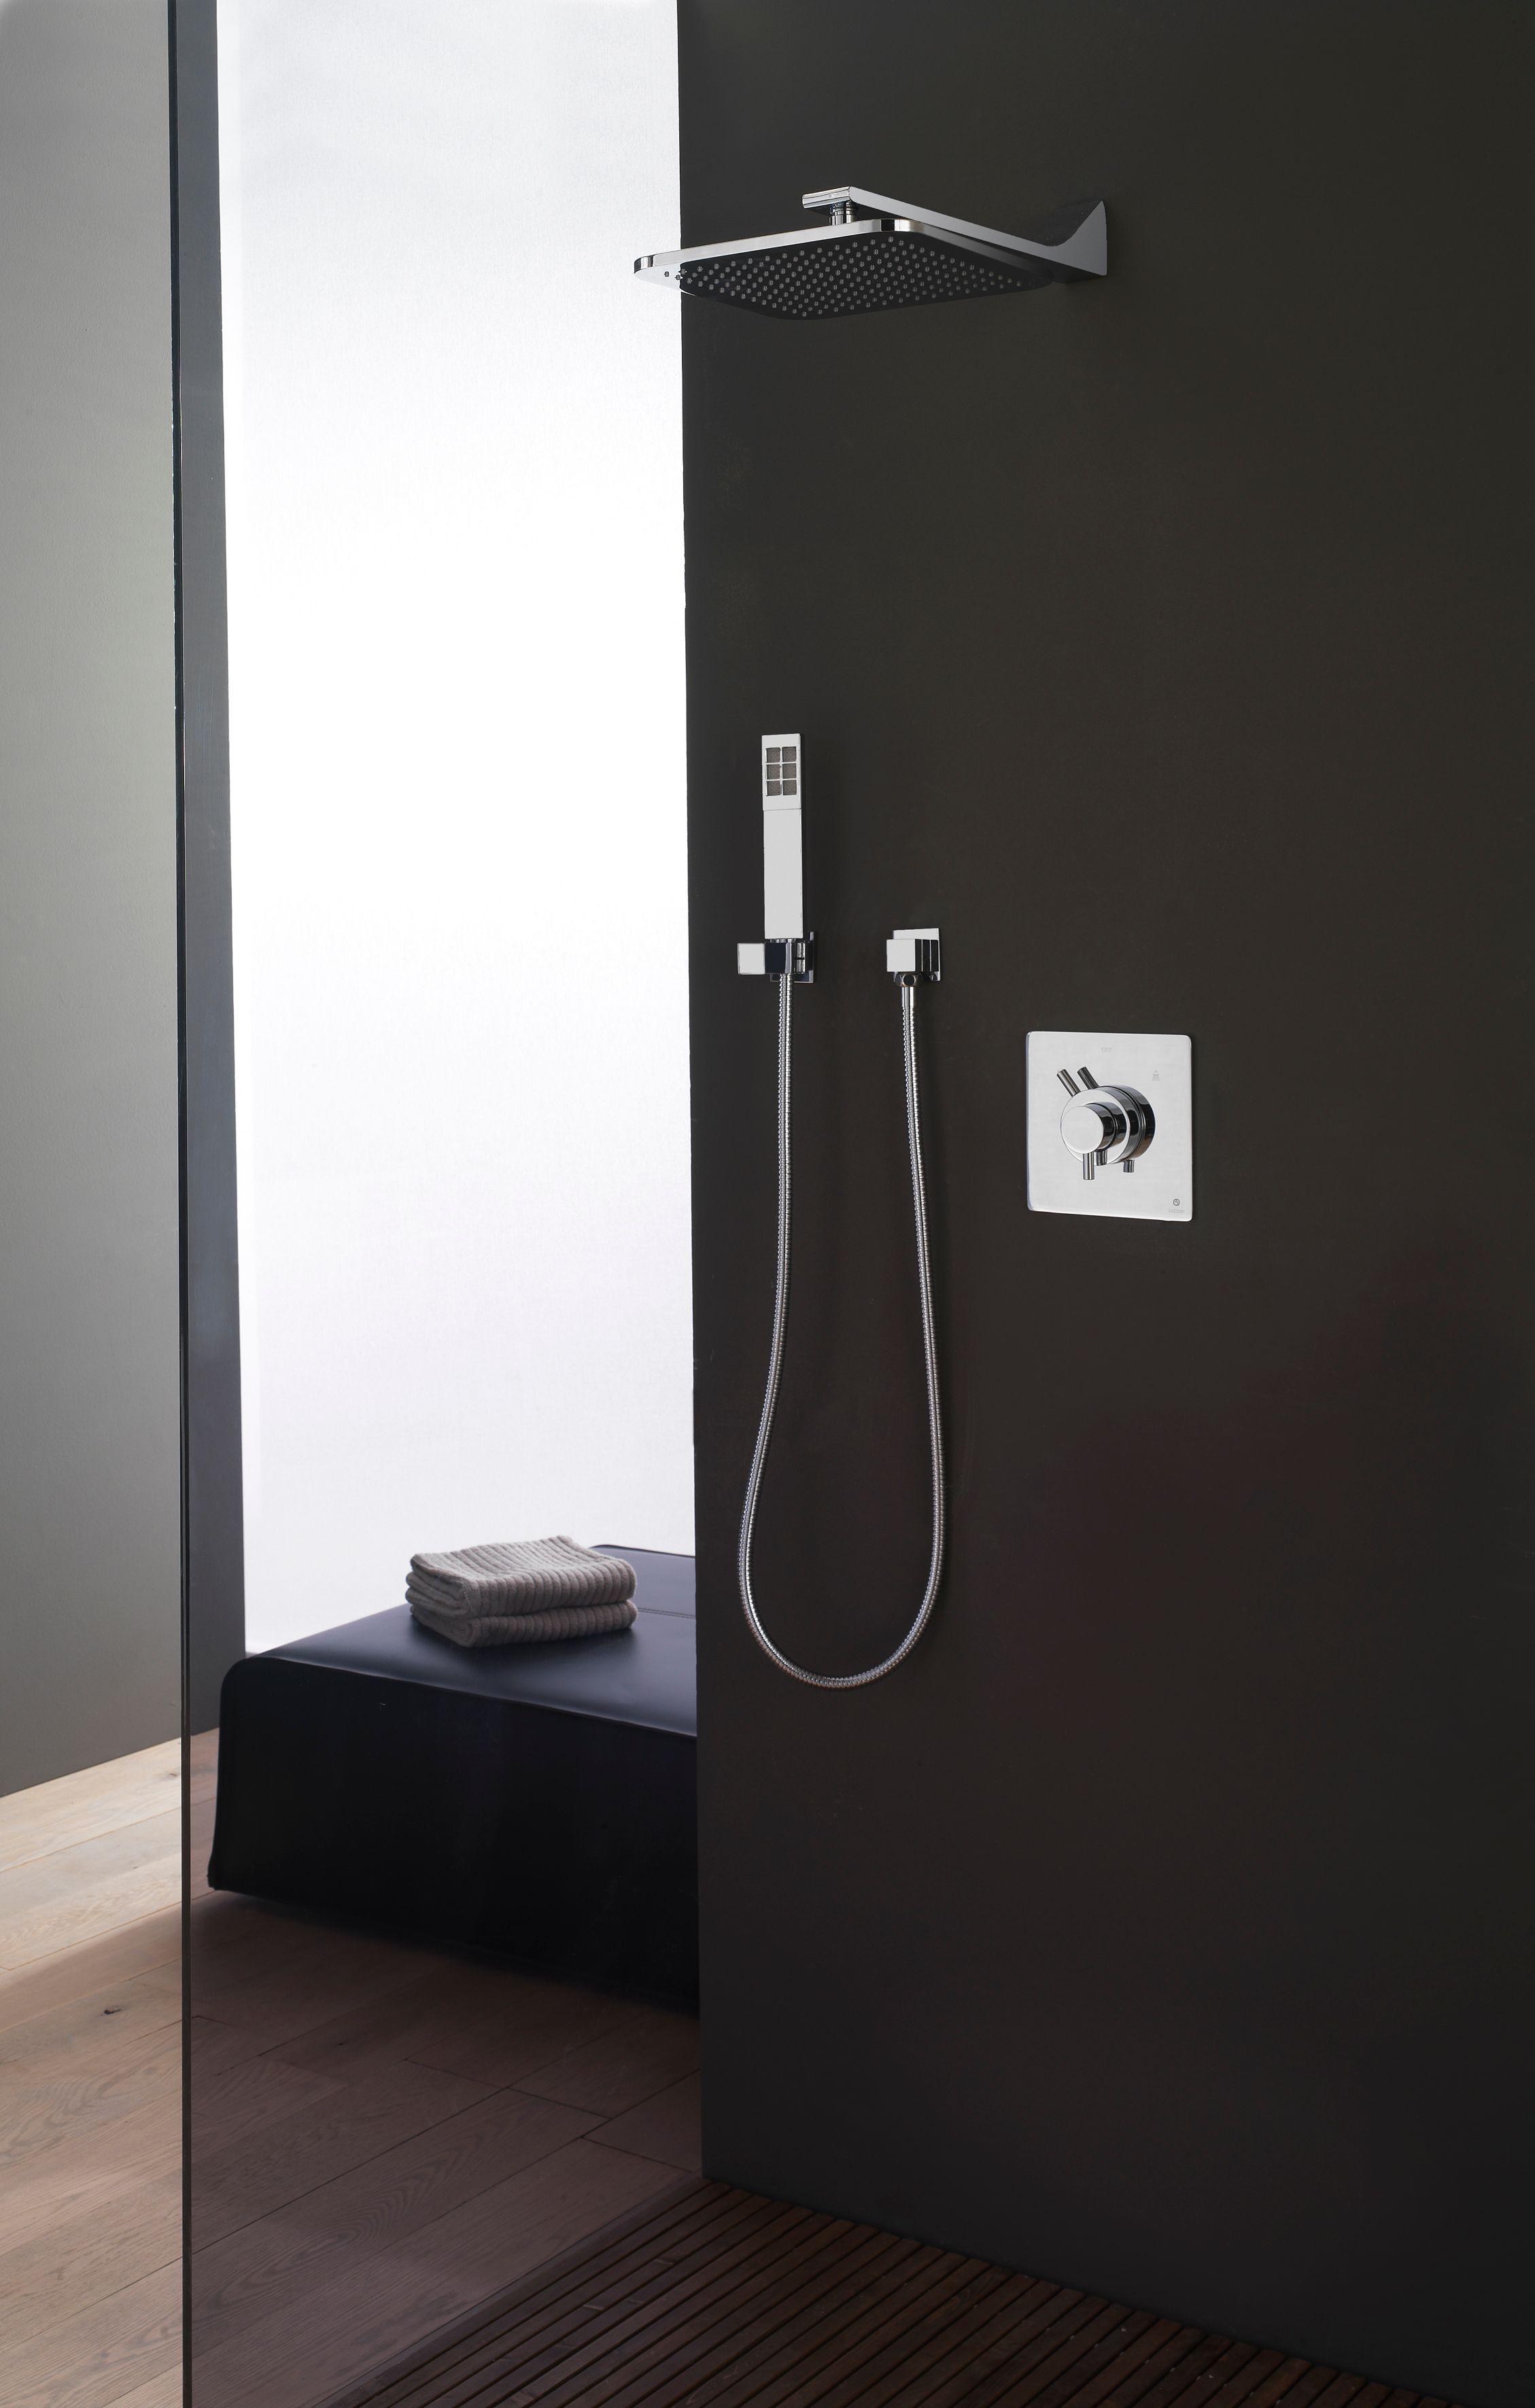 REM Colonna doccia da incasso by ZAZZERI design Simone Micheli